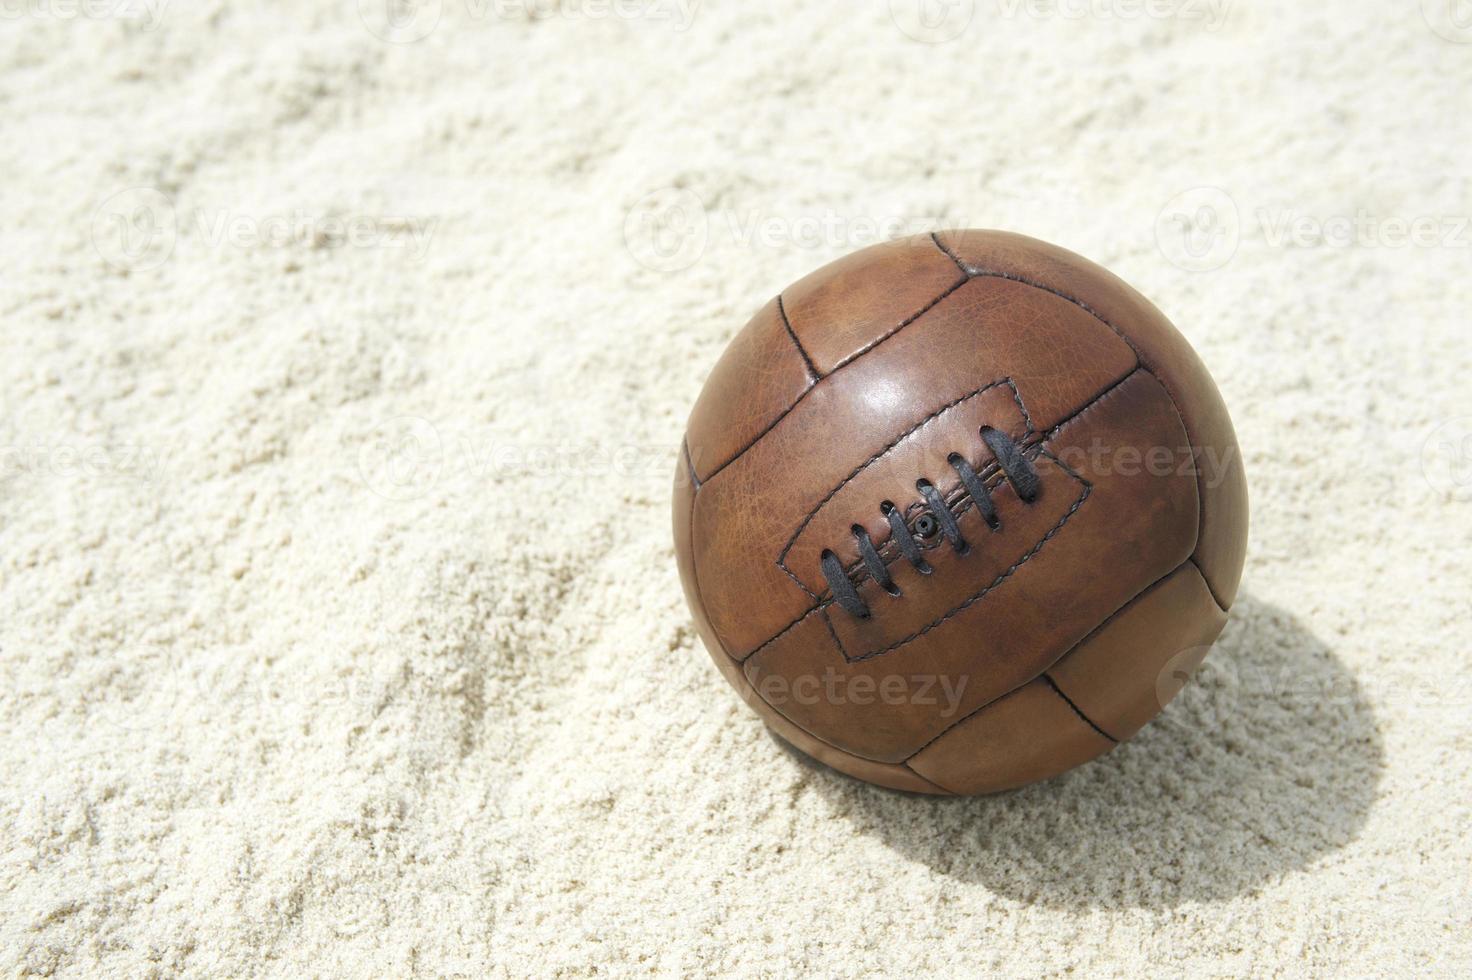 Vintage brauner Fußball Fußball Sand Strand Hintergrund foto